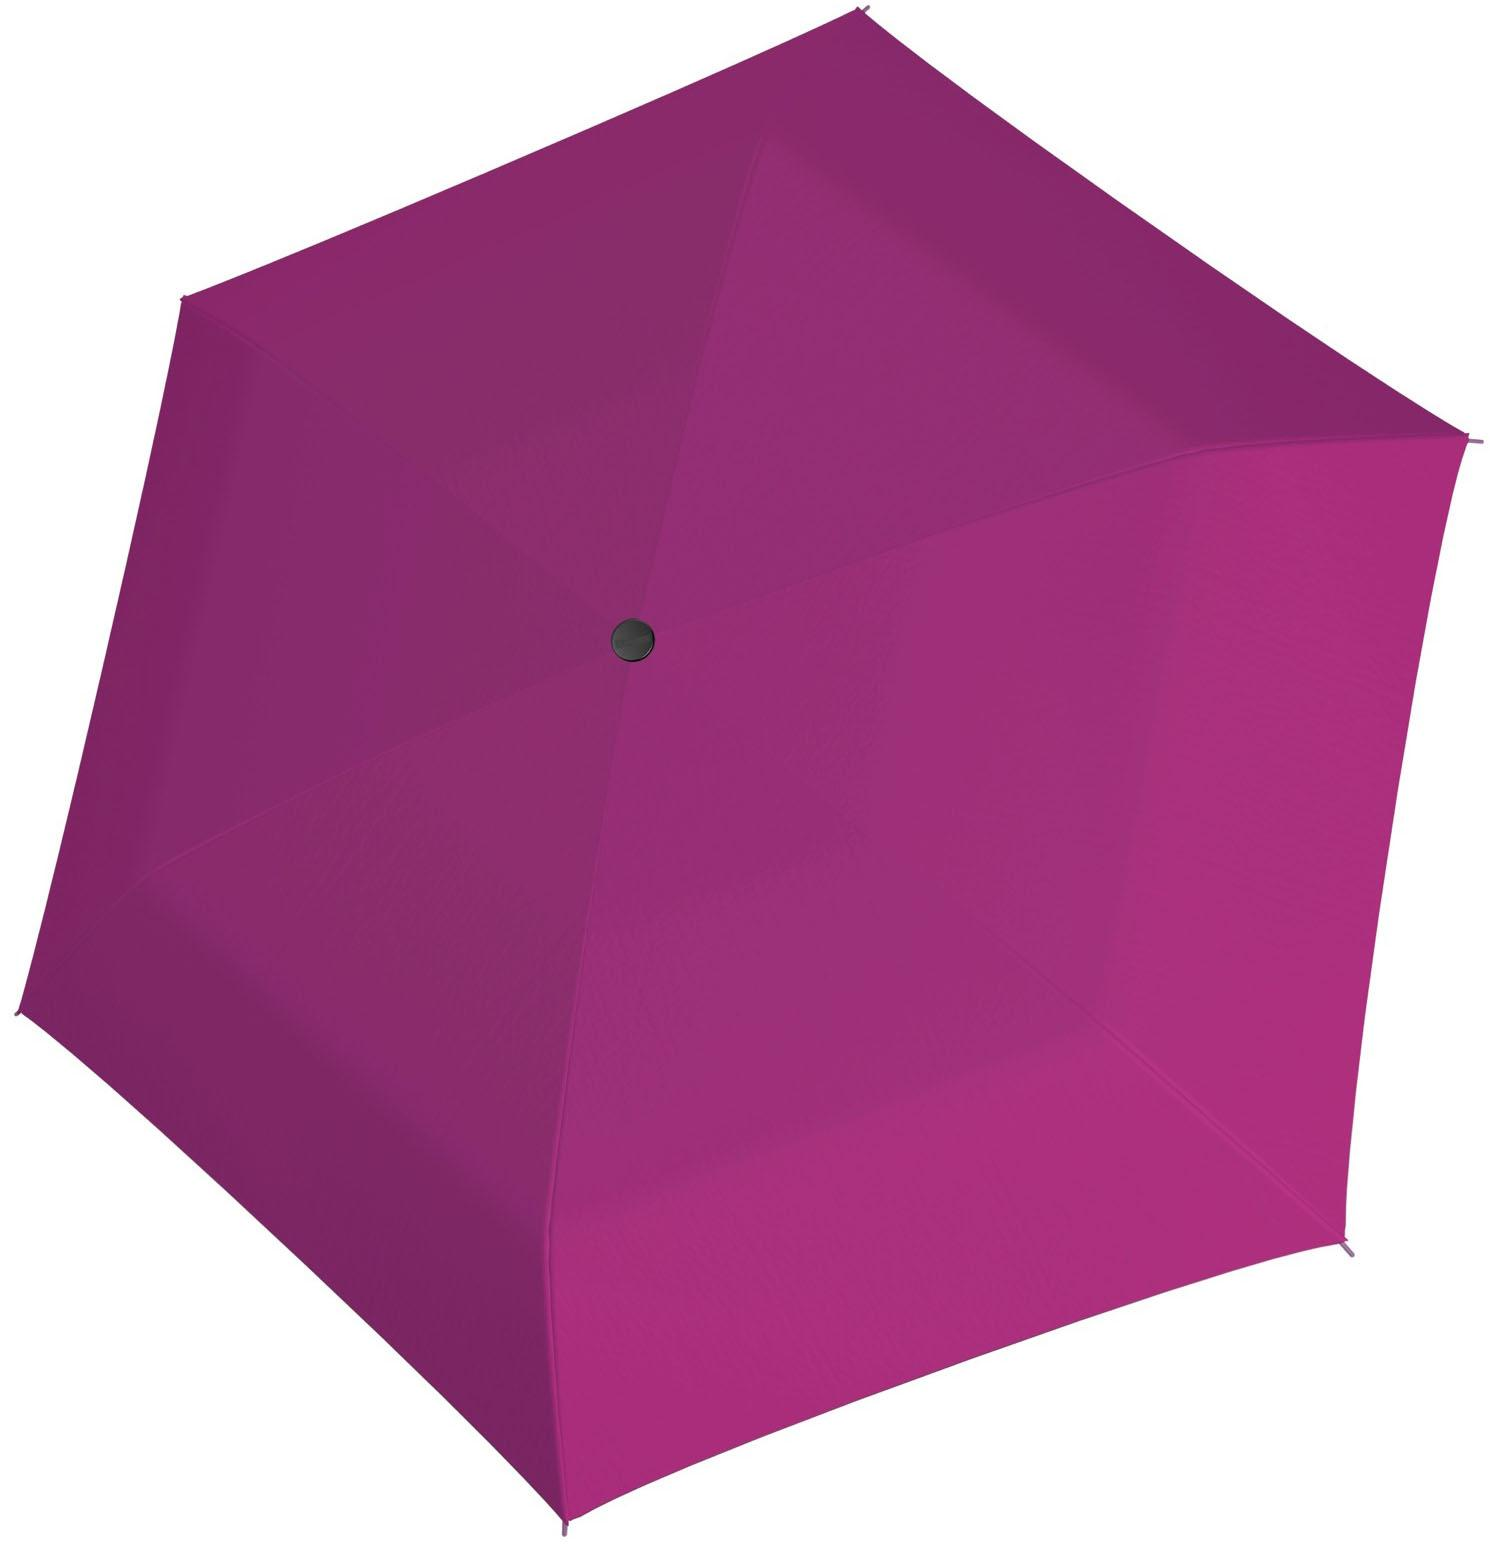 doppler®, Taschenregenschirm Fiber Havanna uni, Pink | Accessoires > Regenschirme > Sonstige Regenschirme | Rosa | DOPPLER